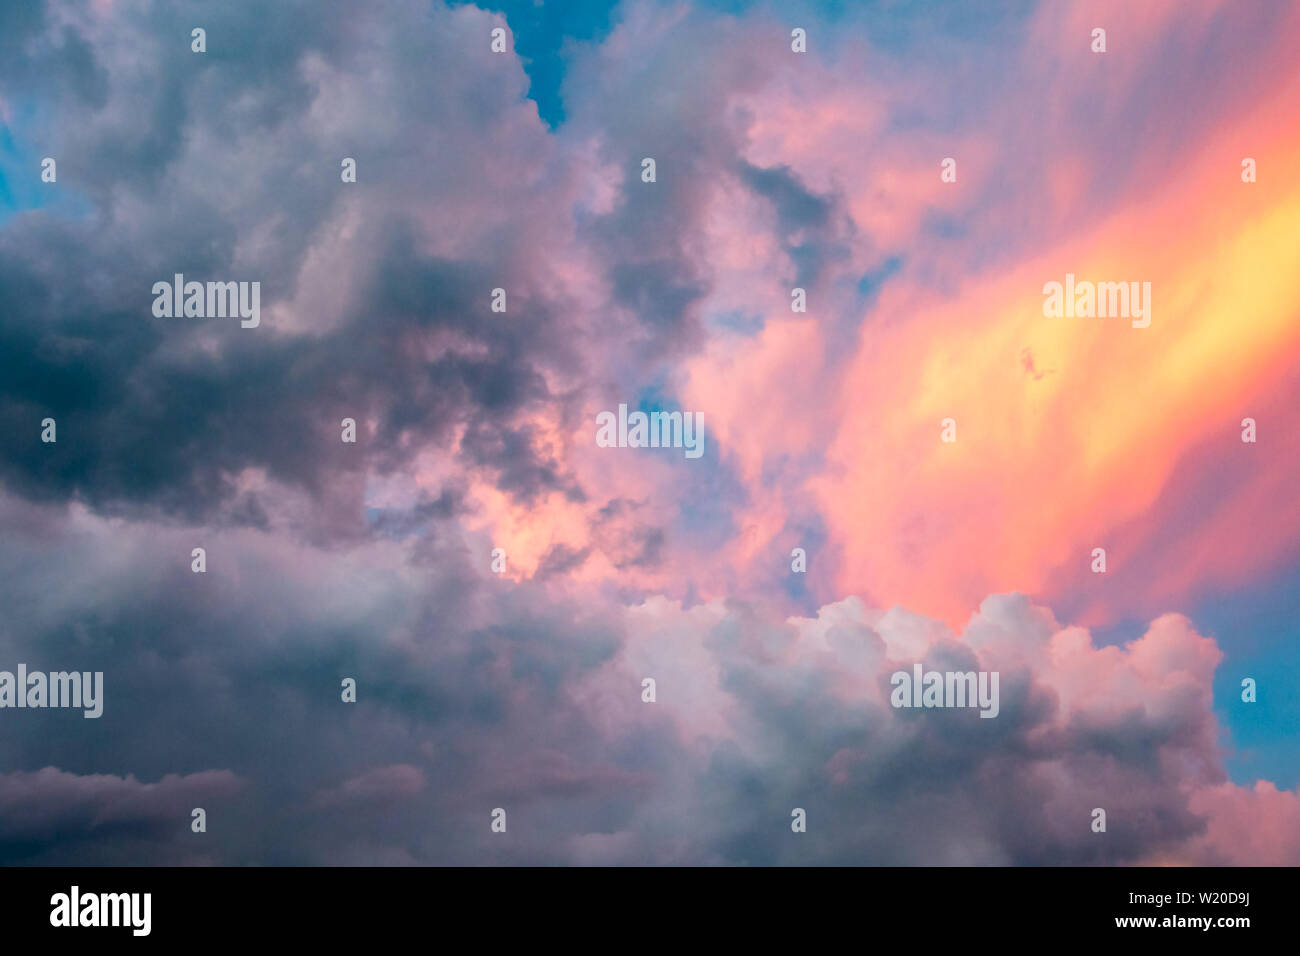 Lumière brillante montrent que les nuages se dissiper à la suite d'un orage en fin d'après-midi à Cocoa Beach, Floride (USA). Photo Stock